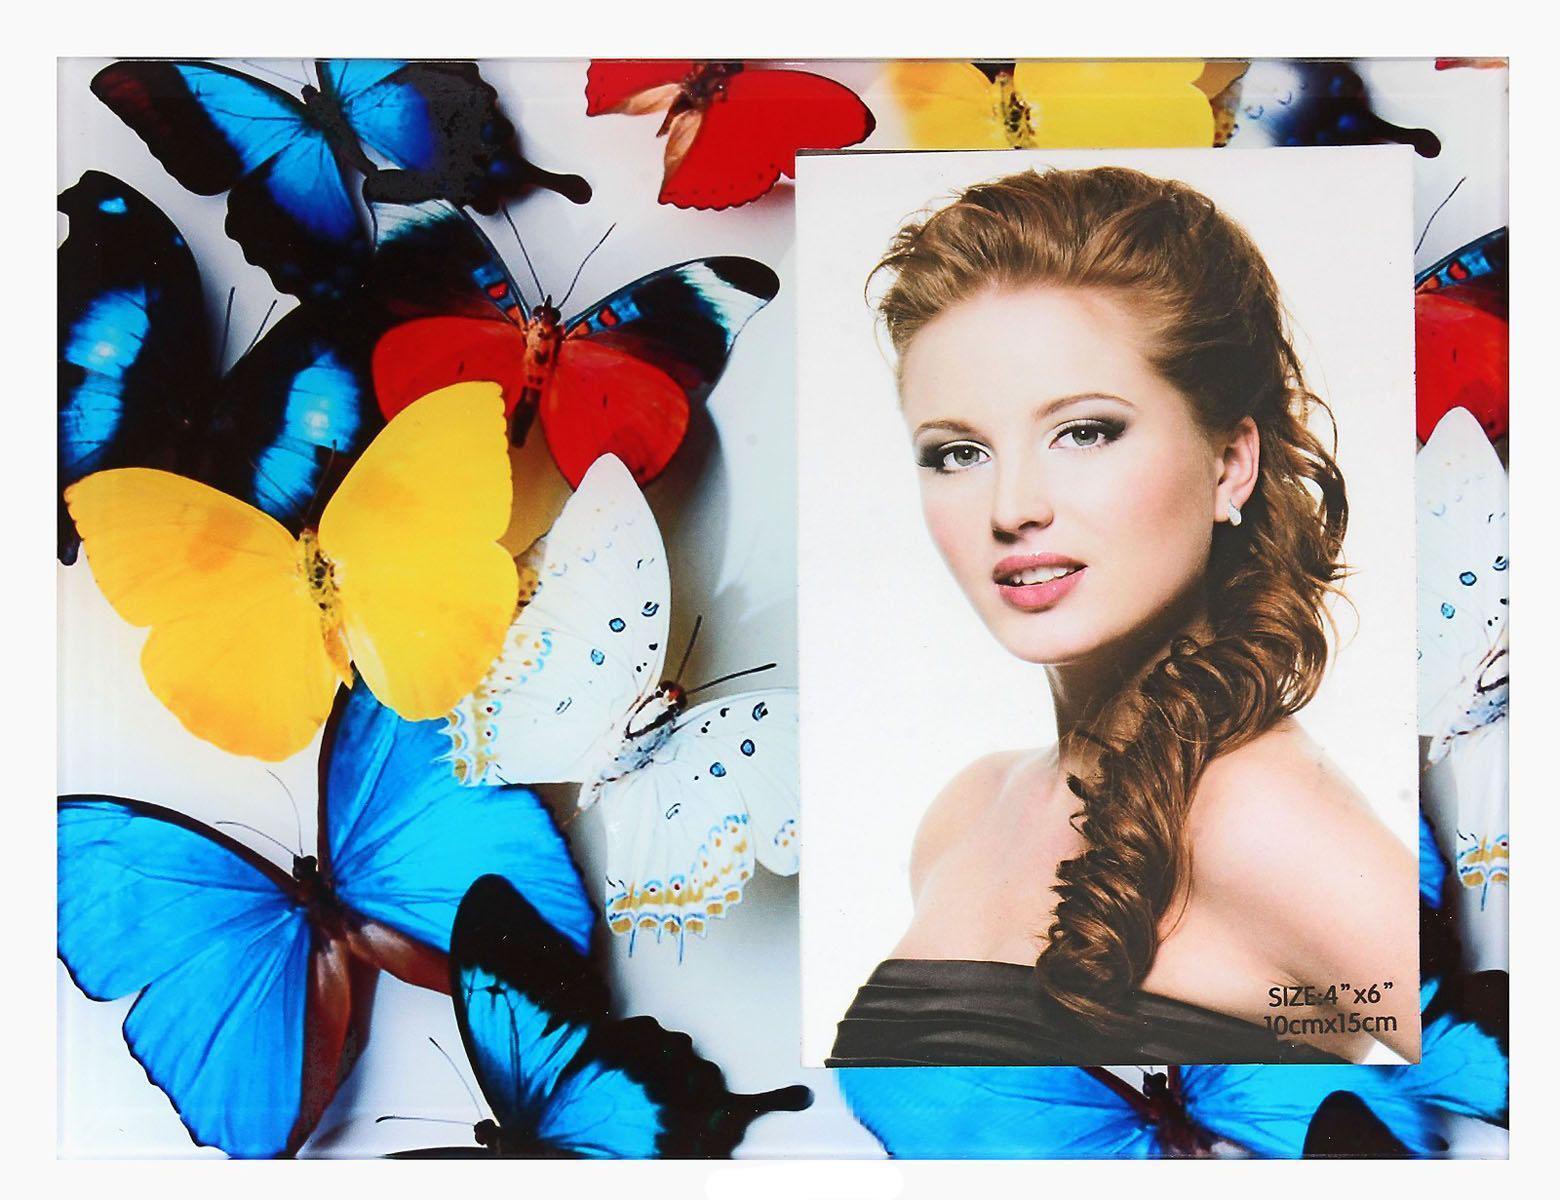 Фоторамка Sima-land Бабочки и я, 10 х 15 см614683Декоративная фоторамка Sima-land Бабочки и я выполнена из стекла и декорирована изображением разноцветных бабочек. Обратная сторона рамки оснащена специальной ножкой, благодаря которой ее можно поставить на стол или любое другое место в доме или офисе. Такая фоторамка украсит ваш интерьер оригинальным образом, а также позволит сохранить память о дорогих вам людях и интересных событиях вашей жизни. С ней вы сможете не просто внести в интерьер своего дома элемент оригинальности, но и создать атмосферу загадочности и изысканности.